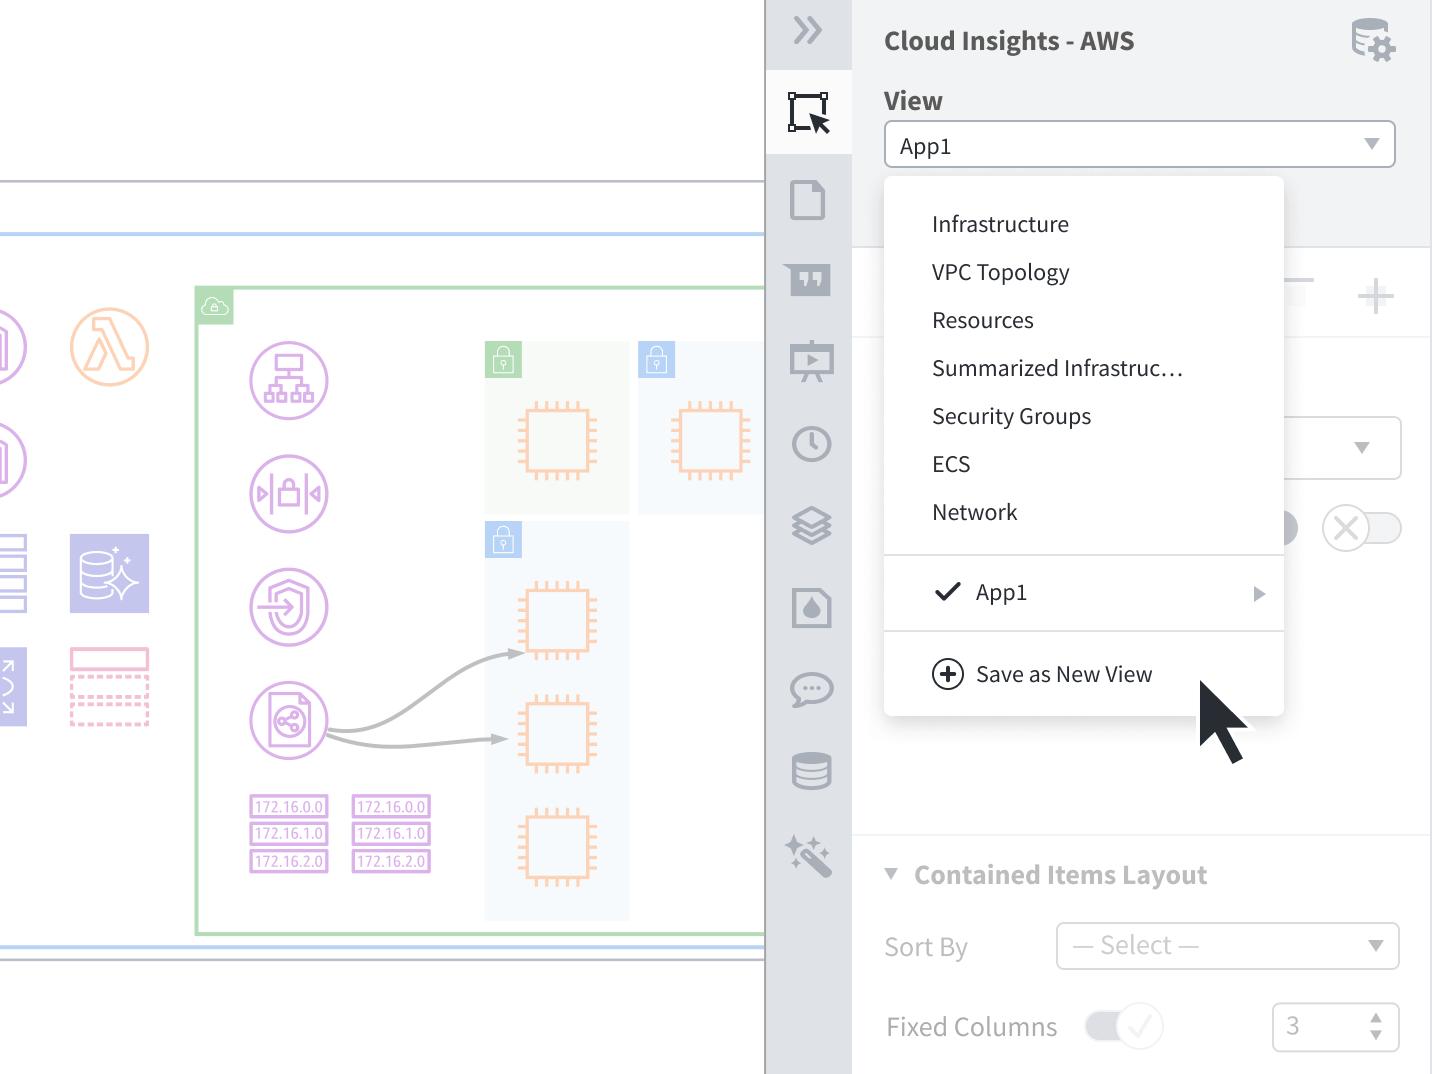 自動作成機能も備えたLucidchartネットワーク図作成ツール